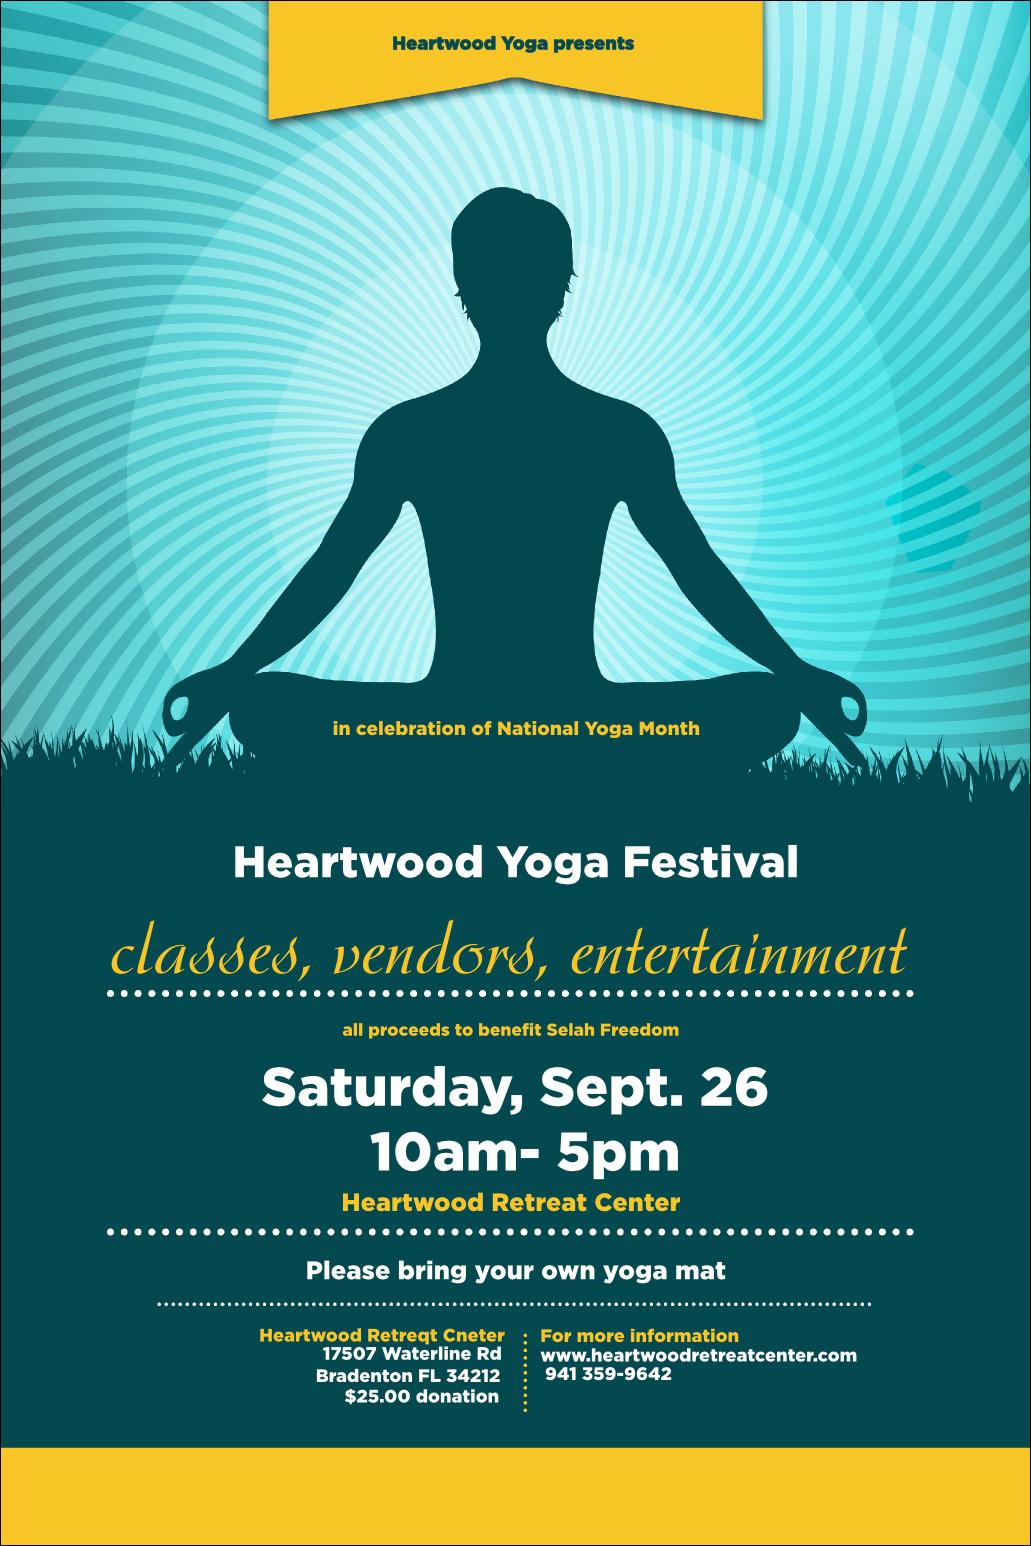 yoga meditation poster heartwood retreat center yoga pinterest. Black Bedroom Furniture Sets. Home Design Ideas